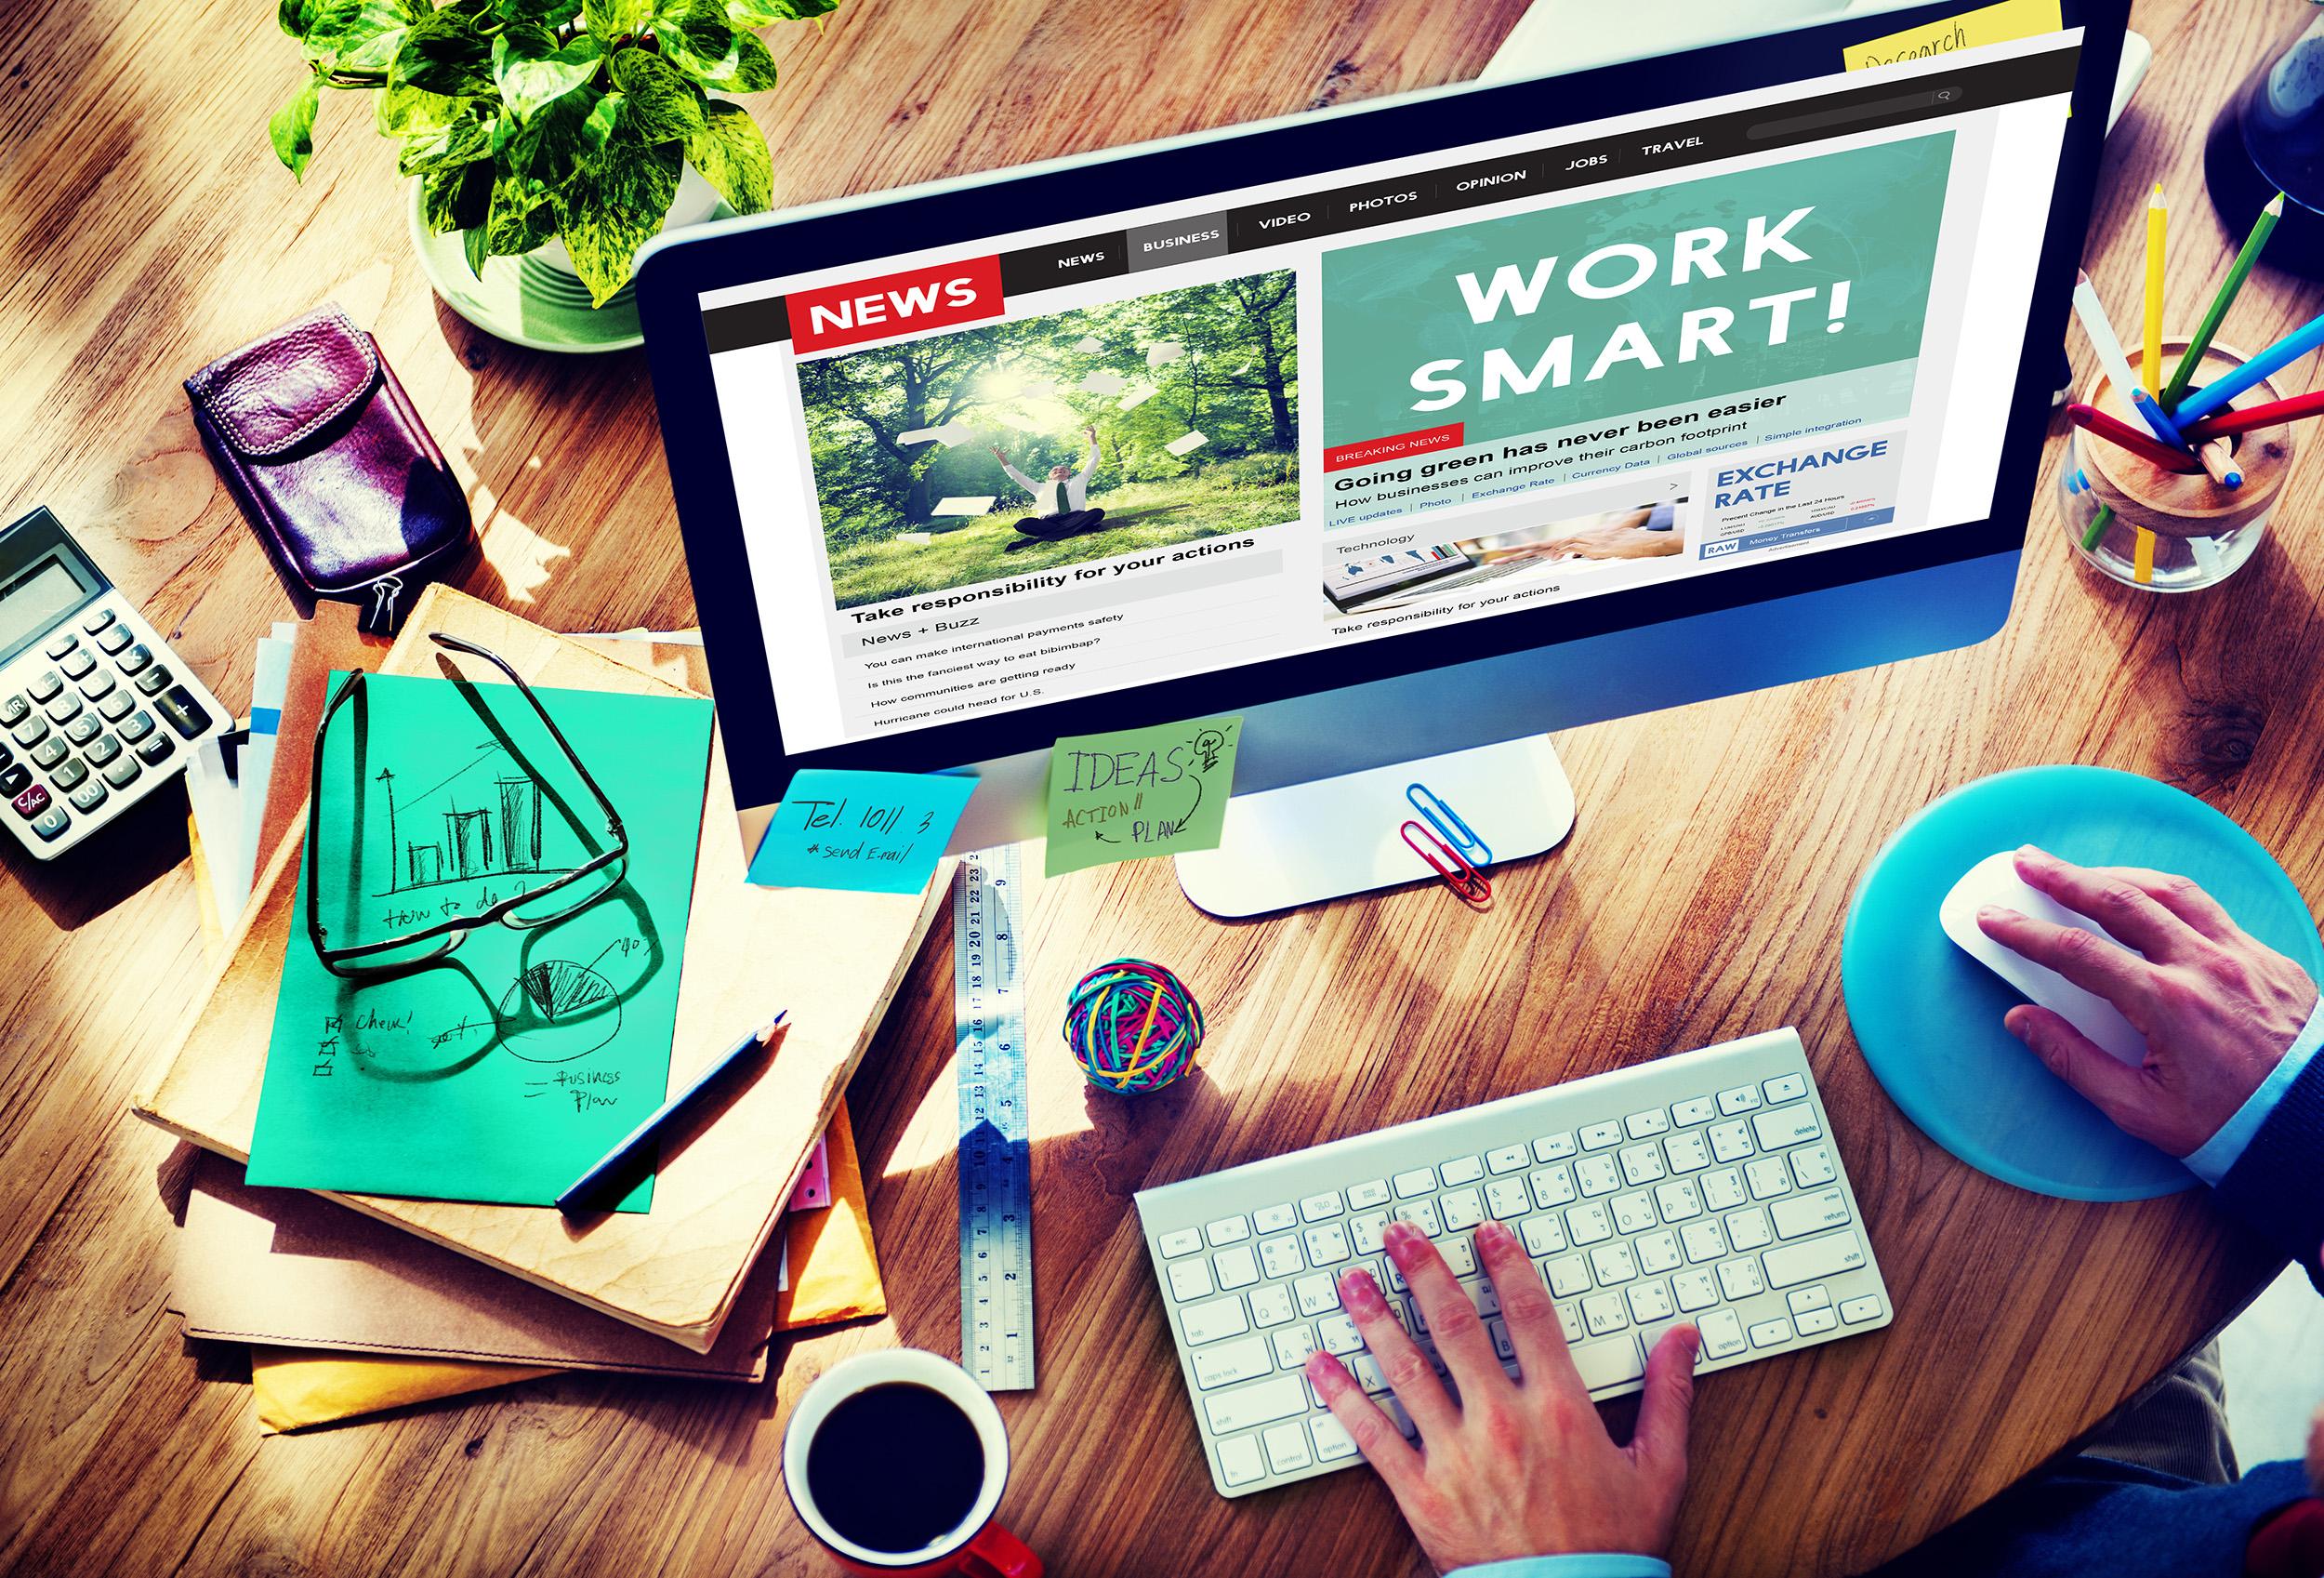 ¿Cómo aplicar Smart Working en tu empresa de forma efectiva?